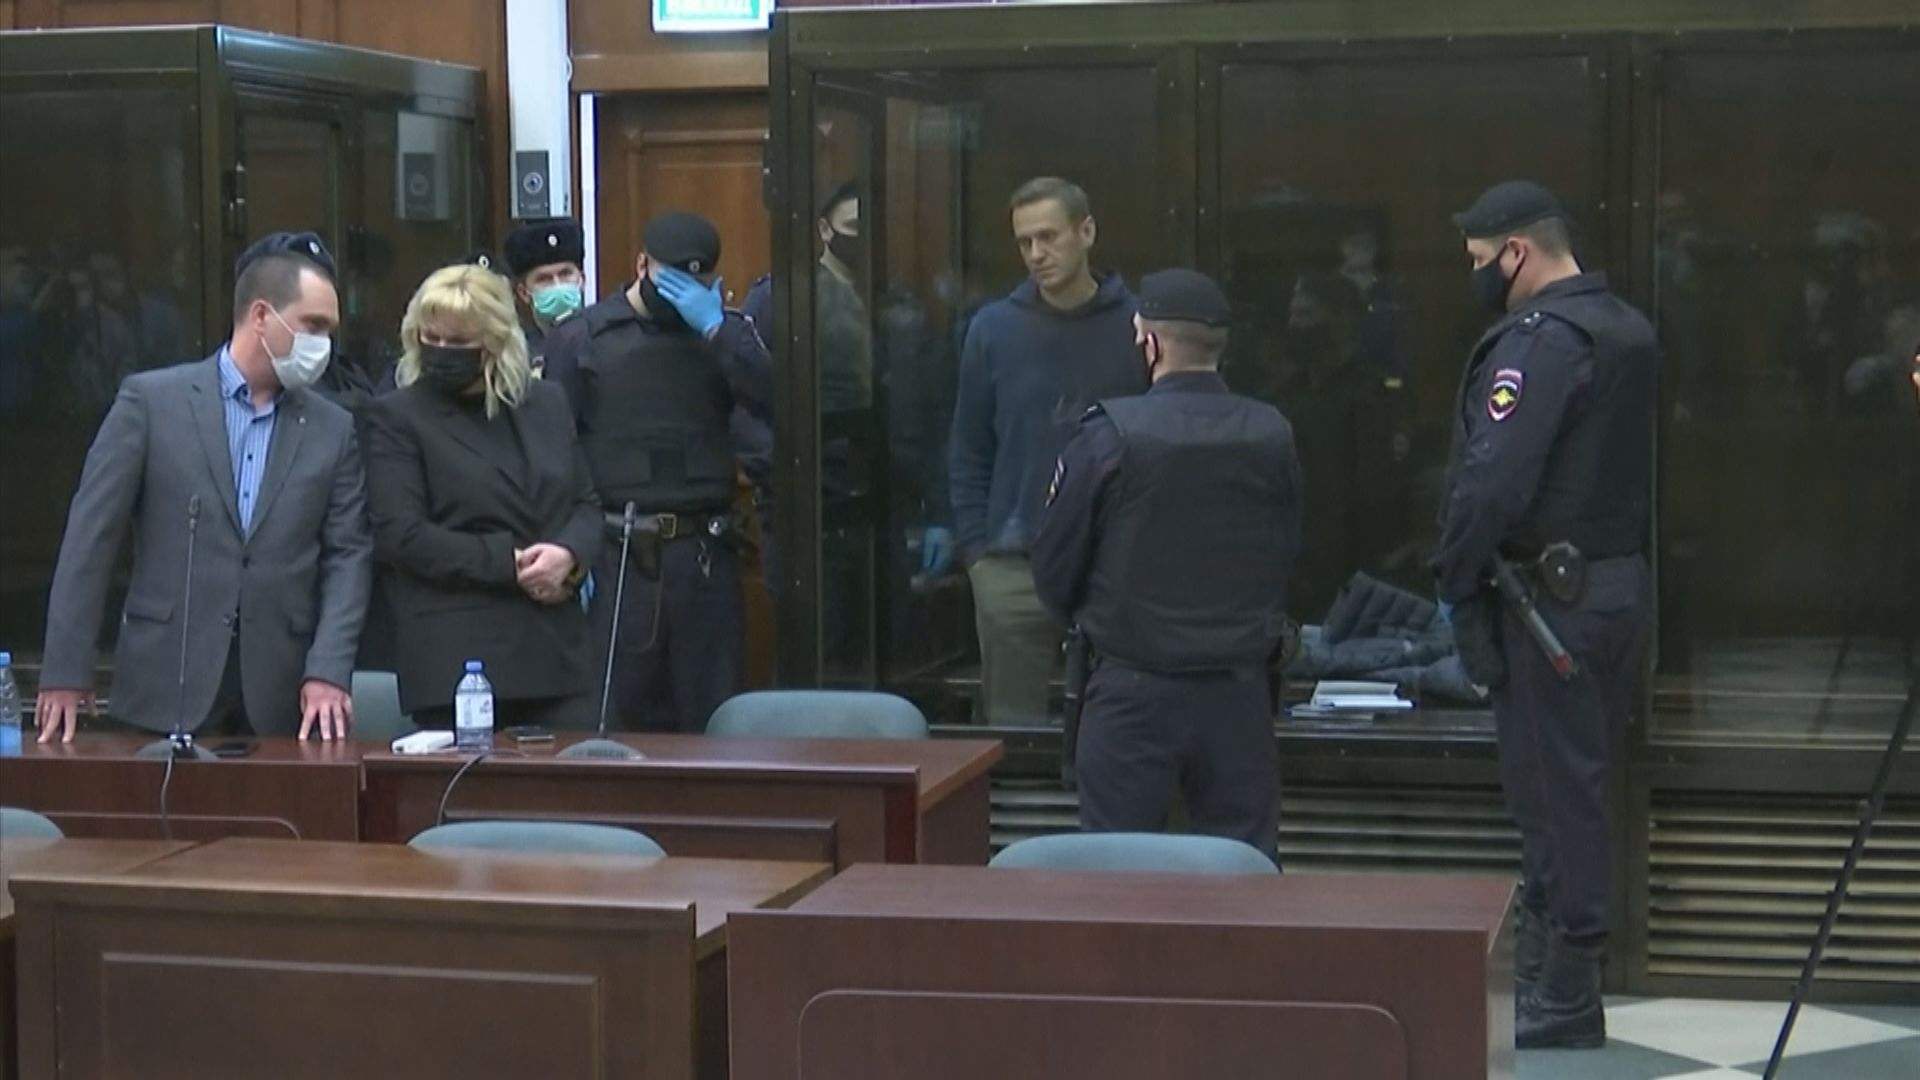 俄羅斯反對派領袖納瓦爾尼遭判囚三年半